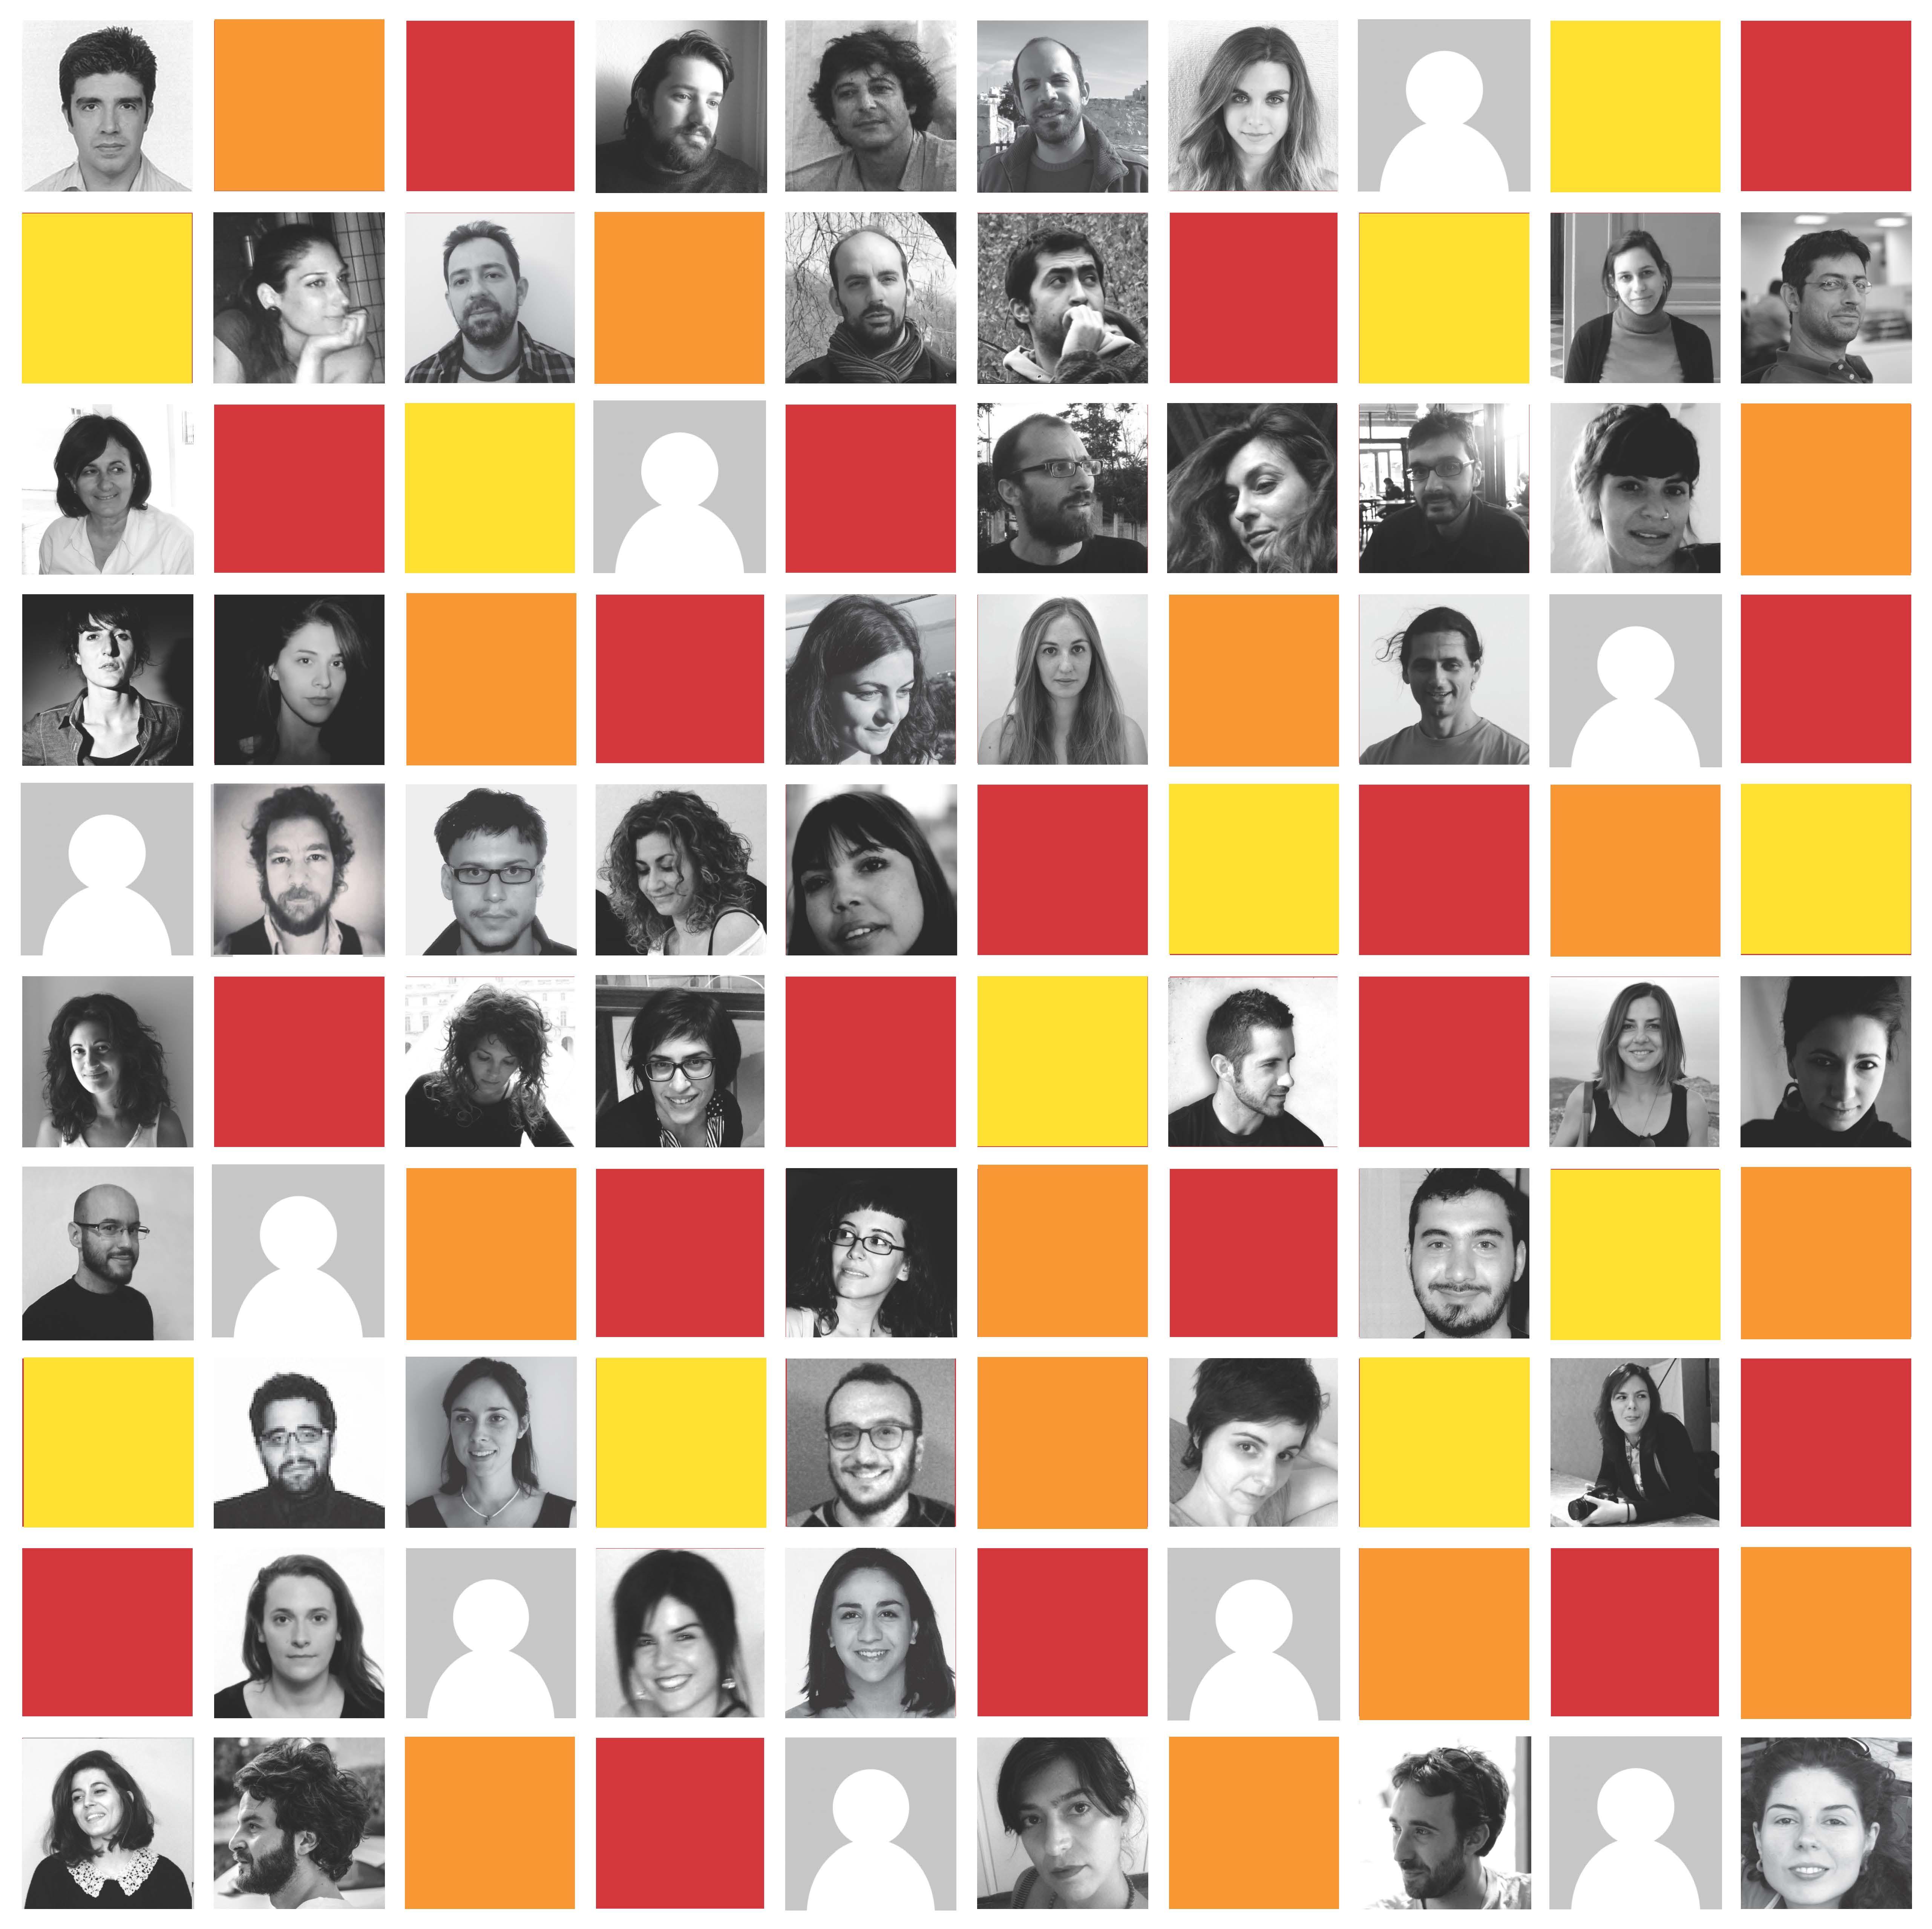 Τα ψηφοδέλτια της ΑΚΕΑ / τα πρόσωπα. Πατήστε πάνω στην εικόνα για μεγέθυνση.